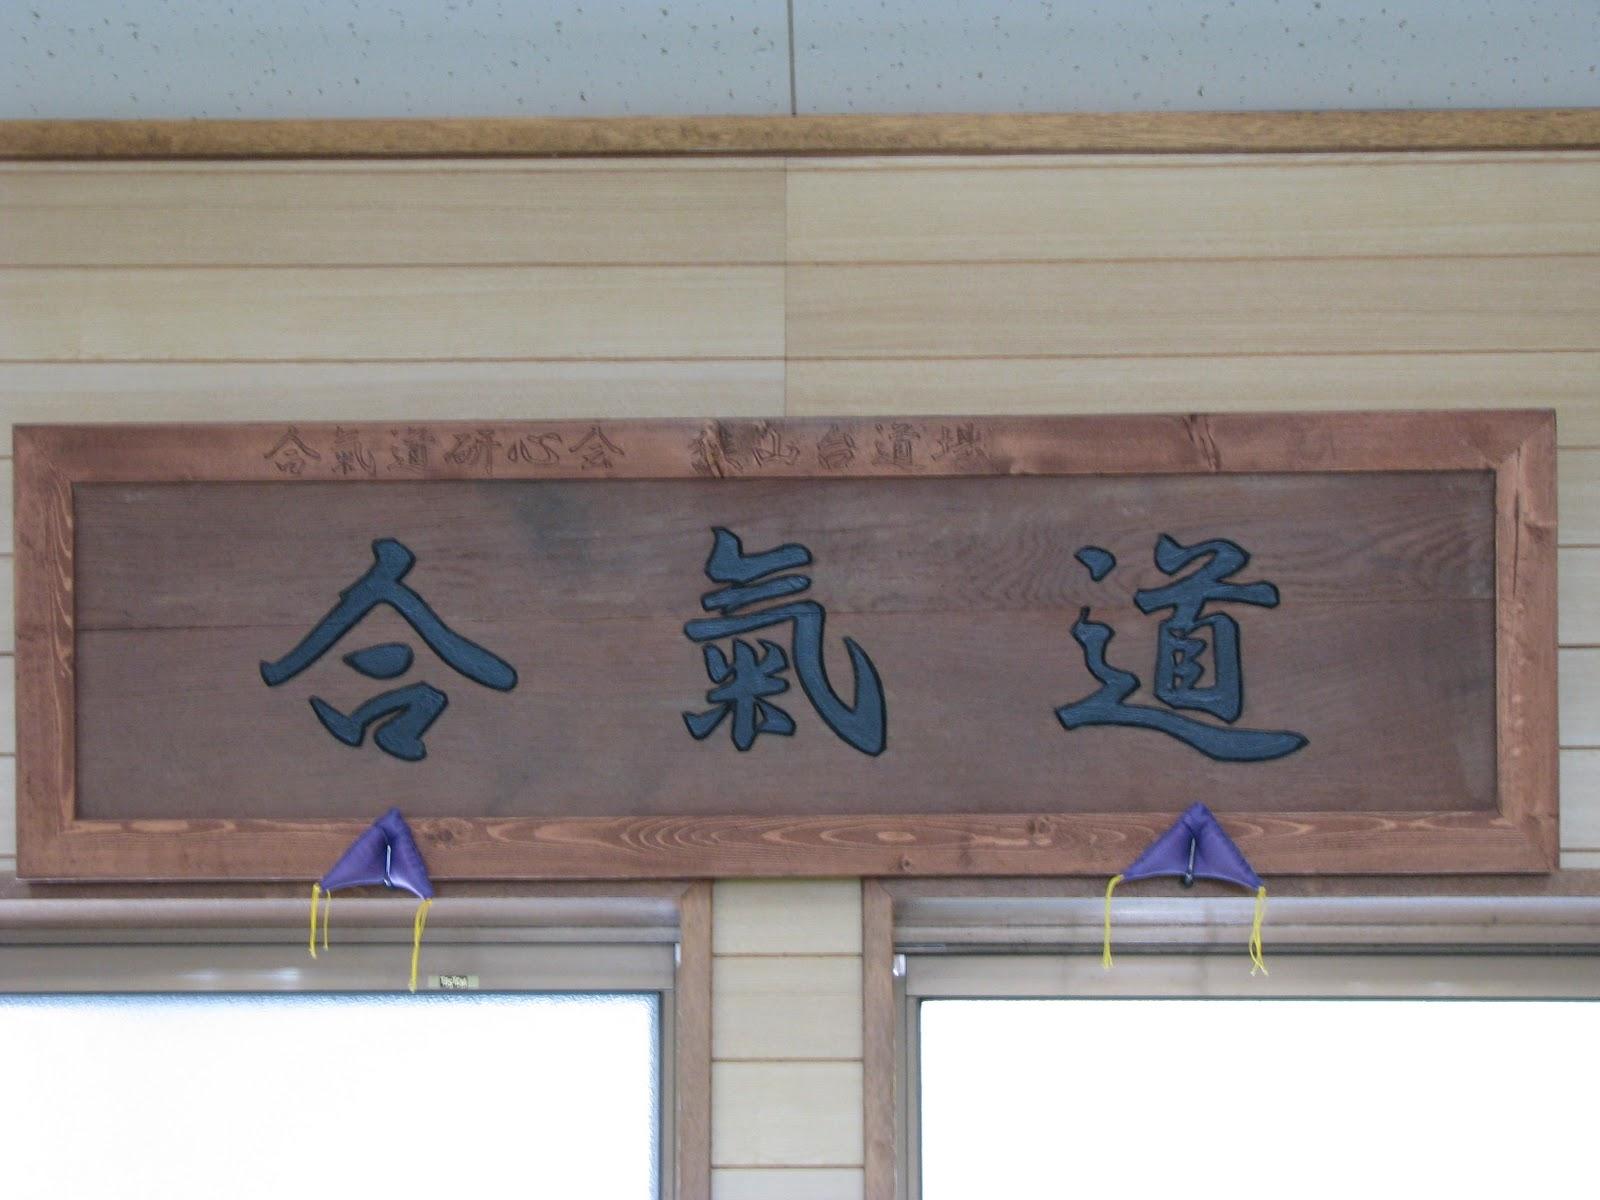 Hombu, Hatayama Dojo's, Kobayashi Dojo's Oct 18 and 19, 2011